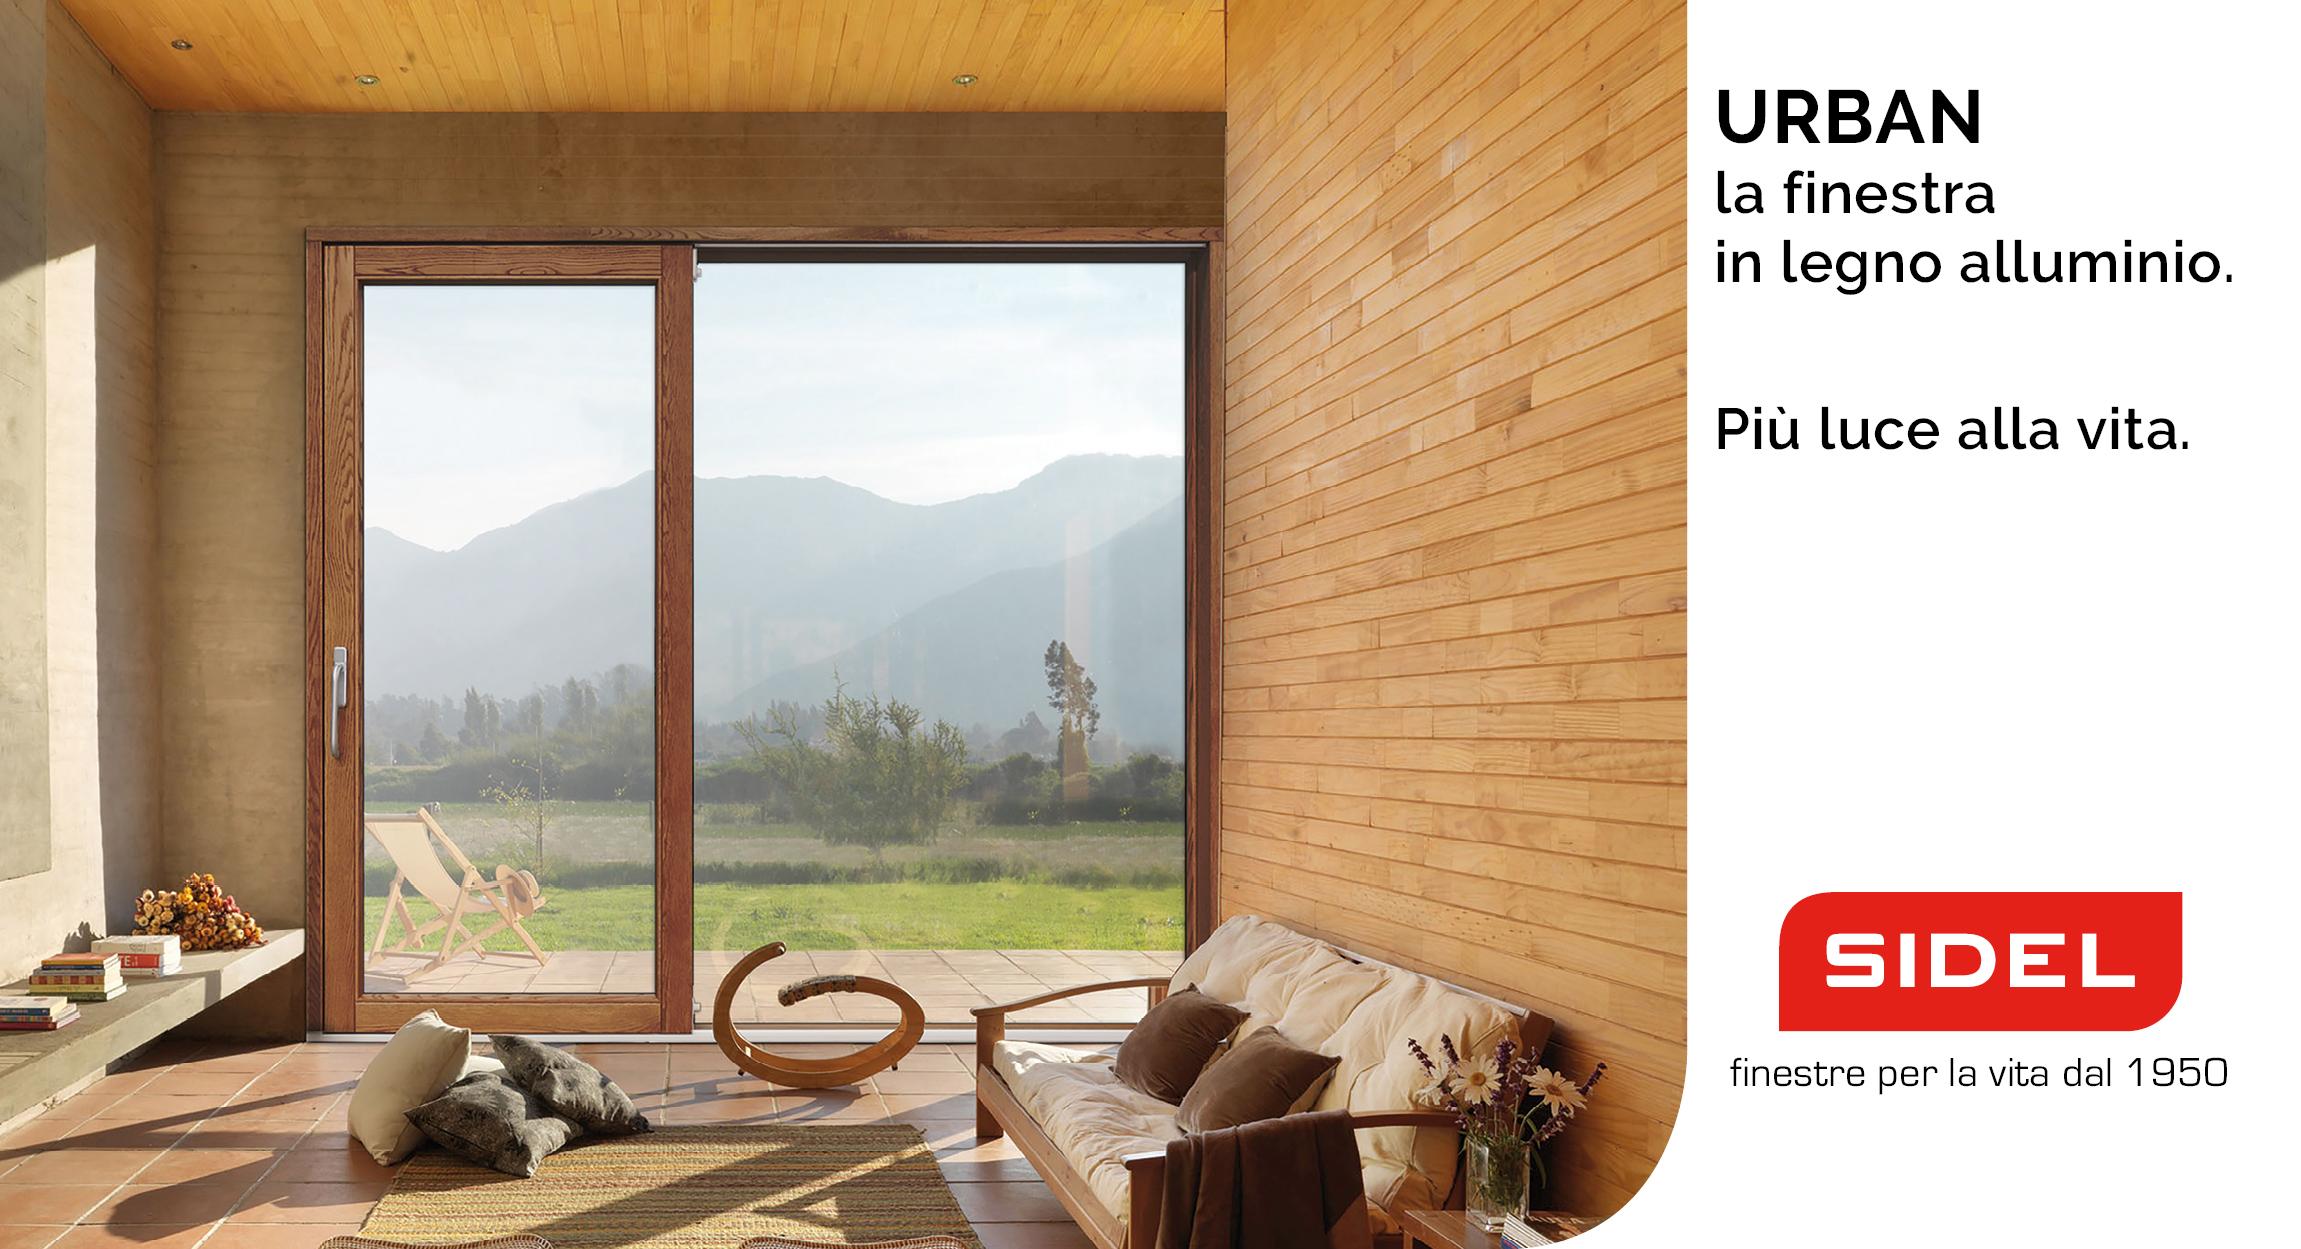 urban la finestra in legno alluminio